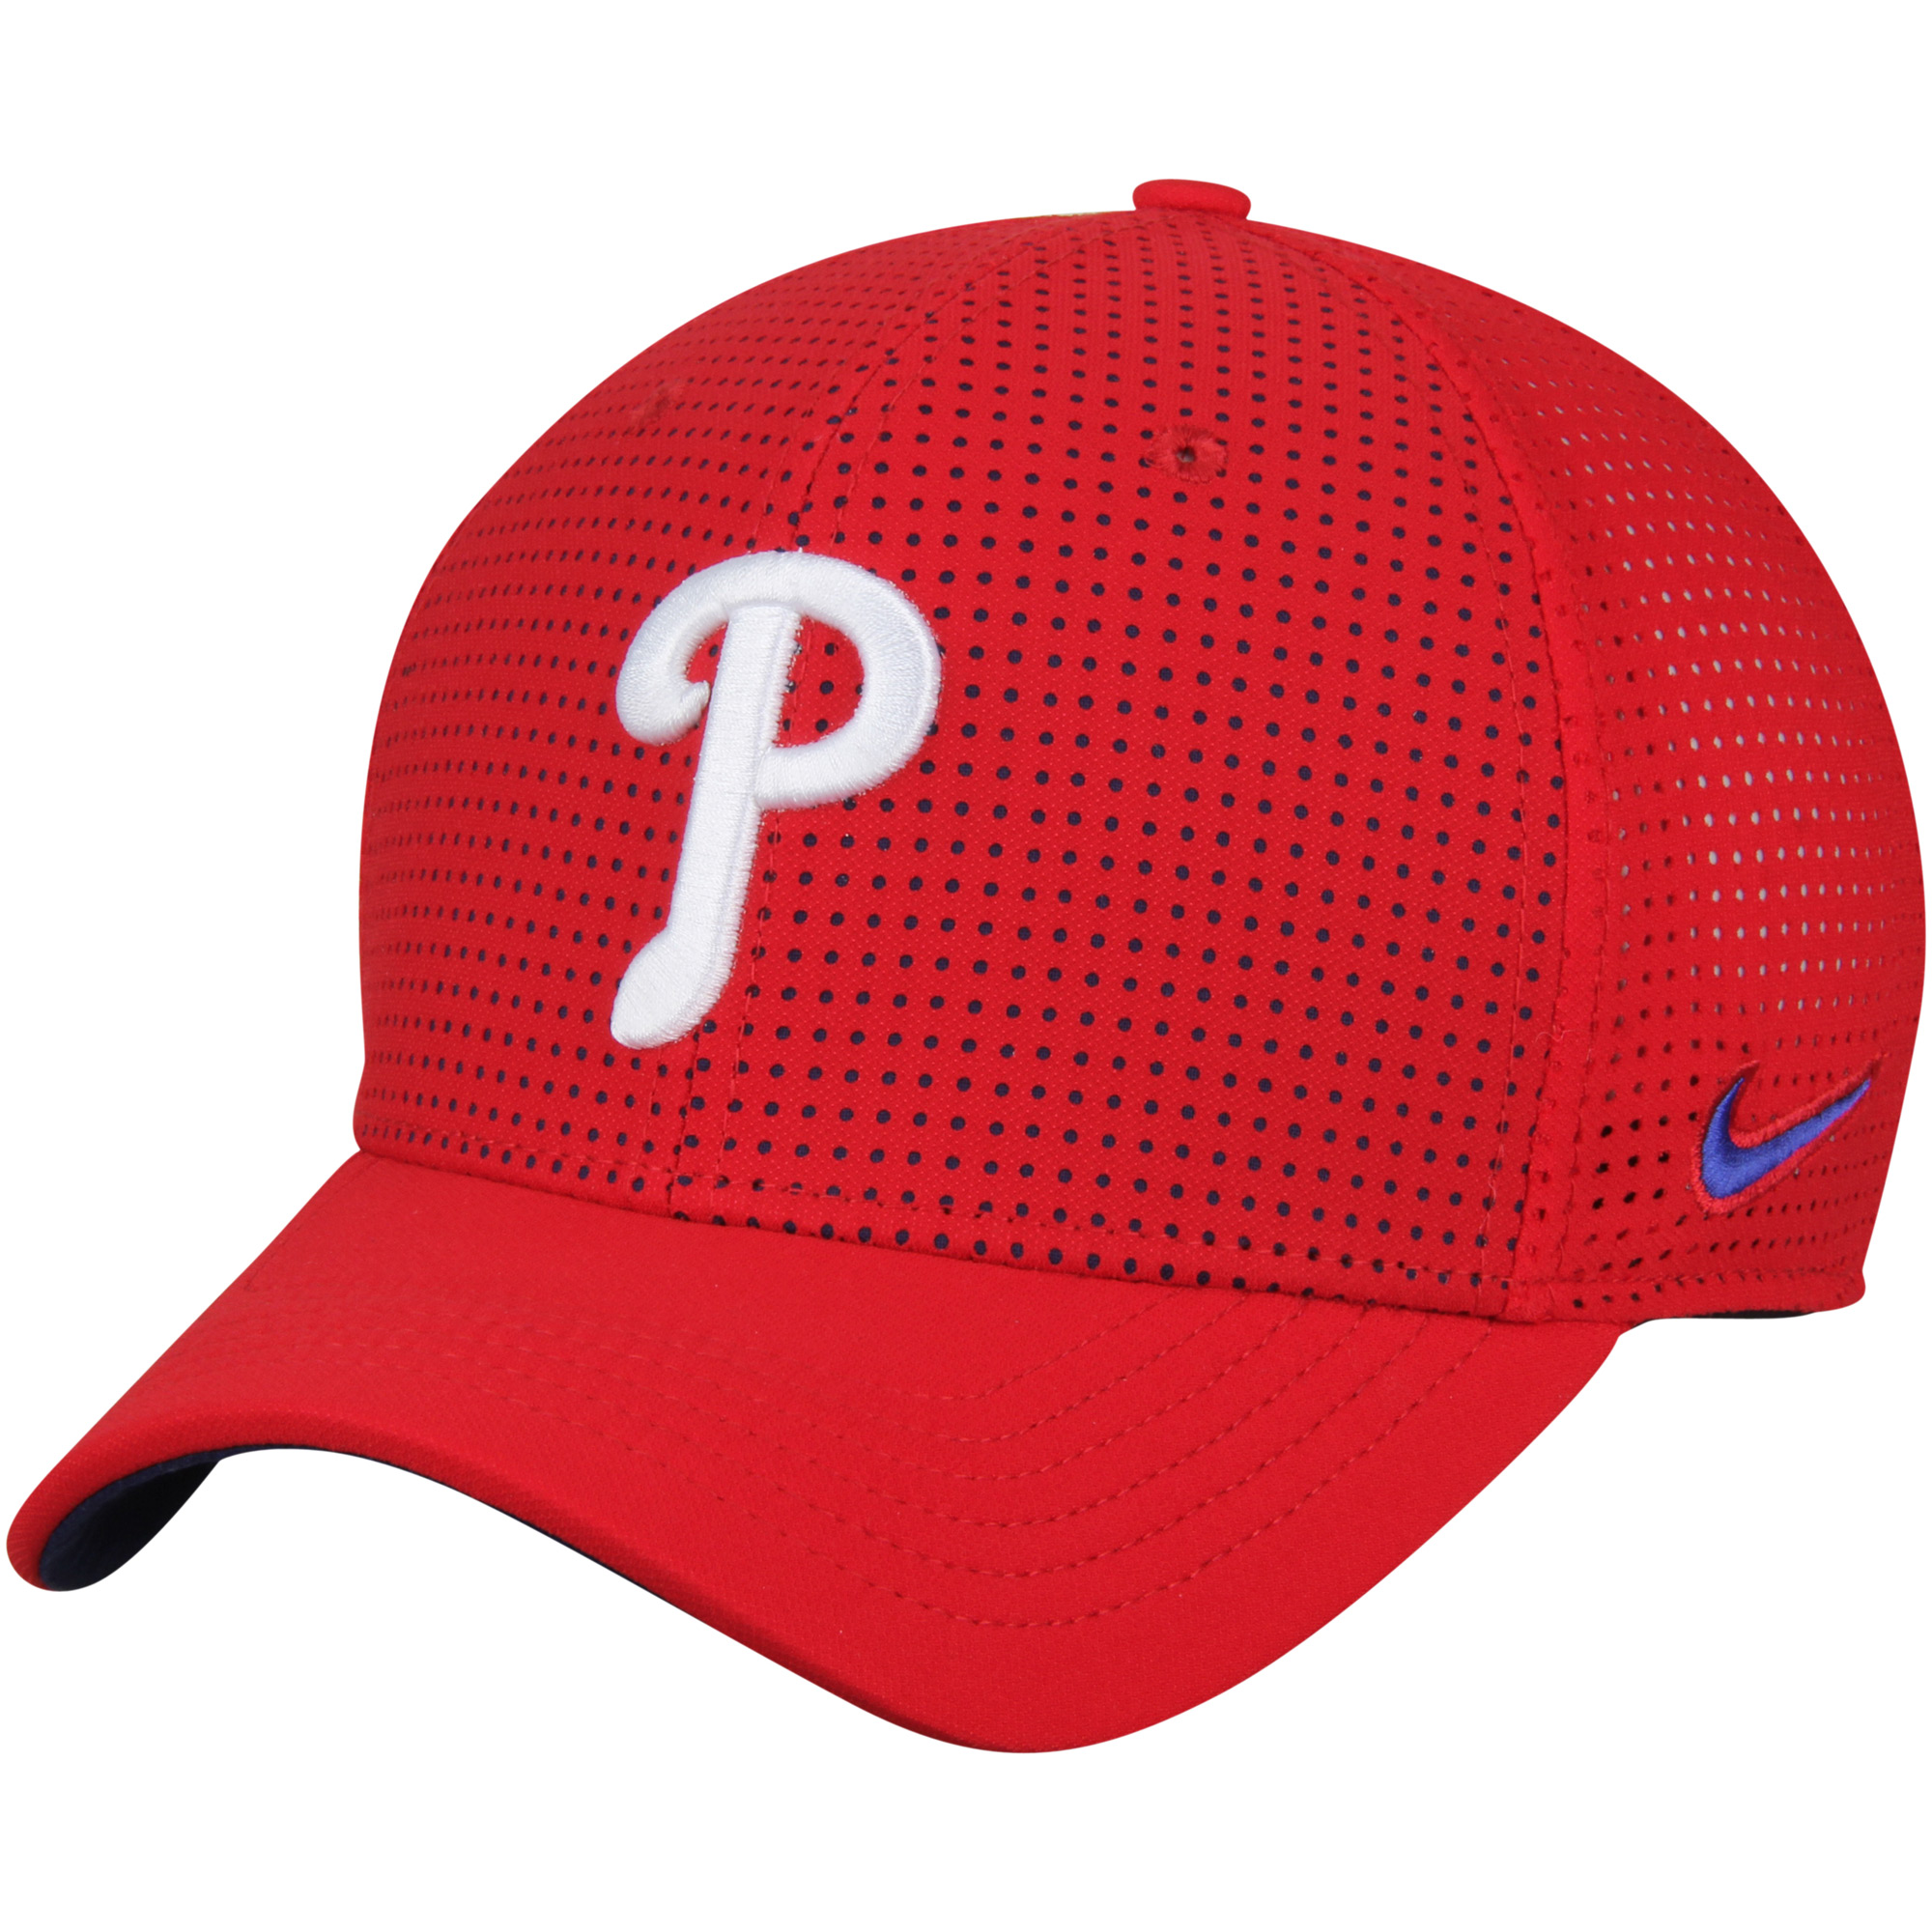 Philadelphia Phillies Nike AeroBill Classic 99 Performance Adjustable Hat - Red - OSFA